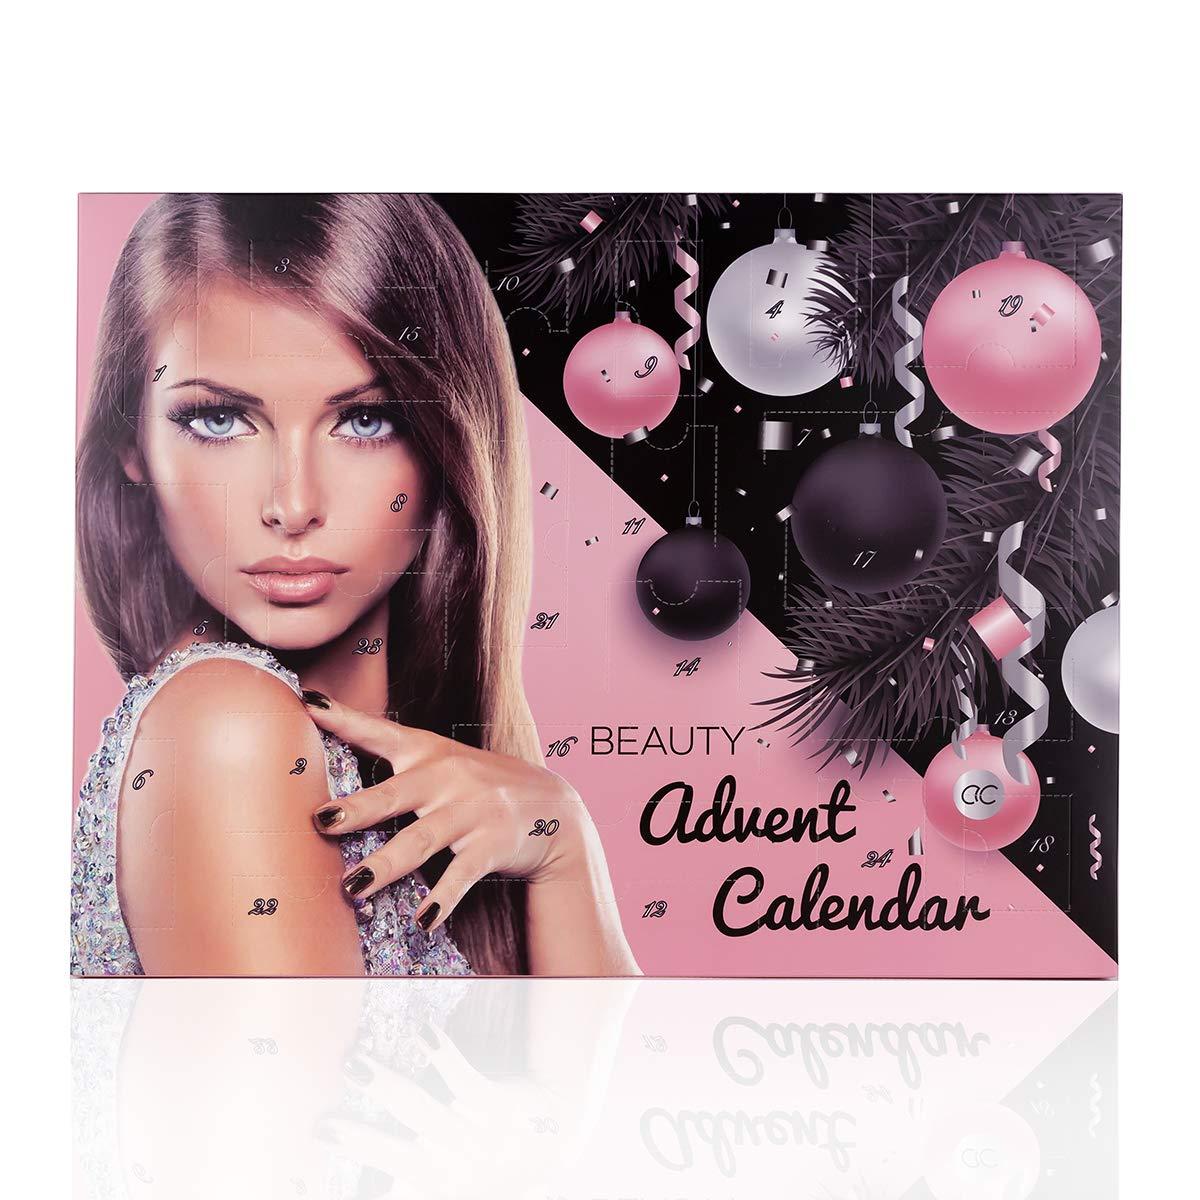 ACCENTRA dekorativ Calendario dell' Avvento Lady cosmetici, 2018 3447966